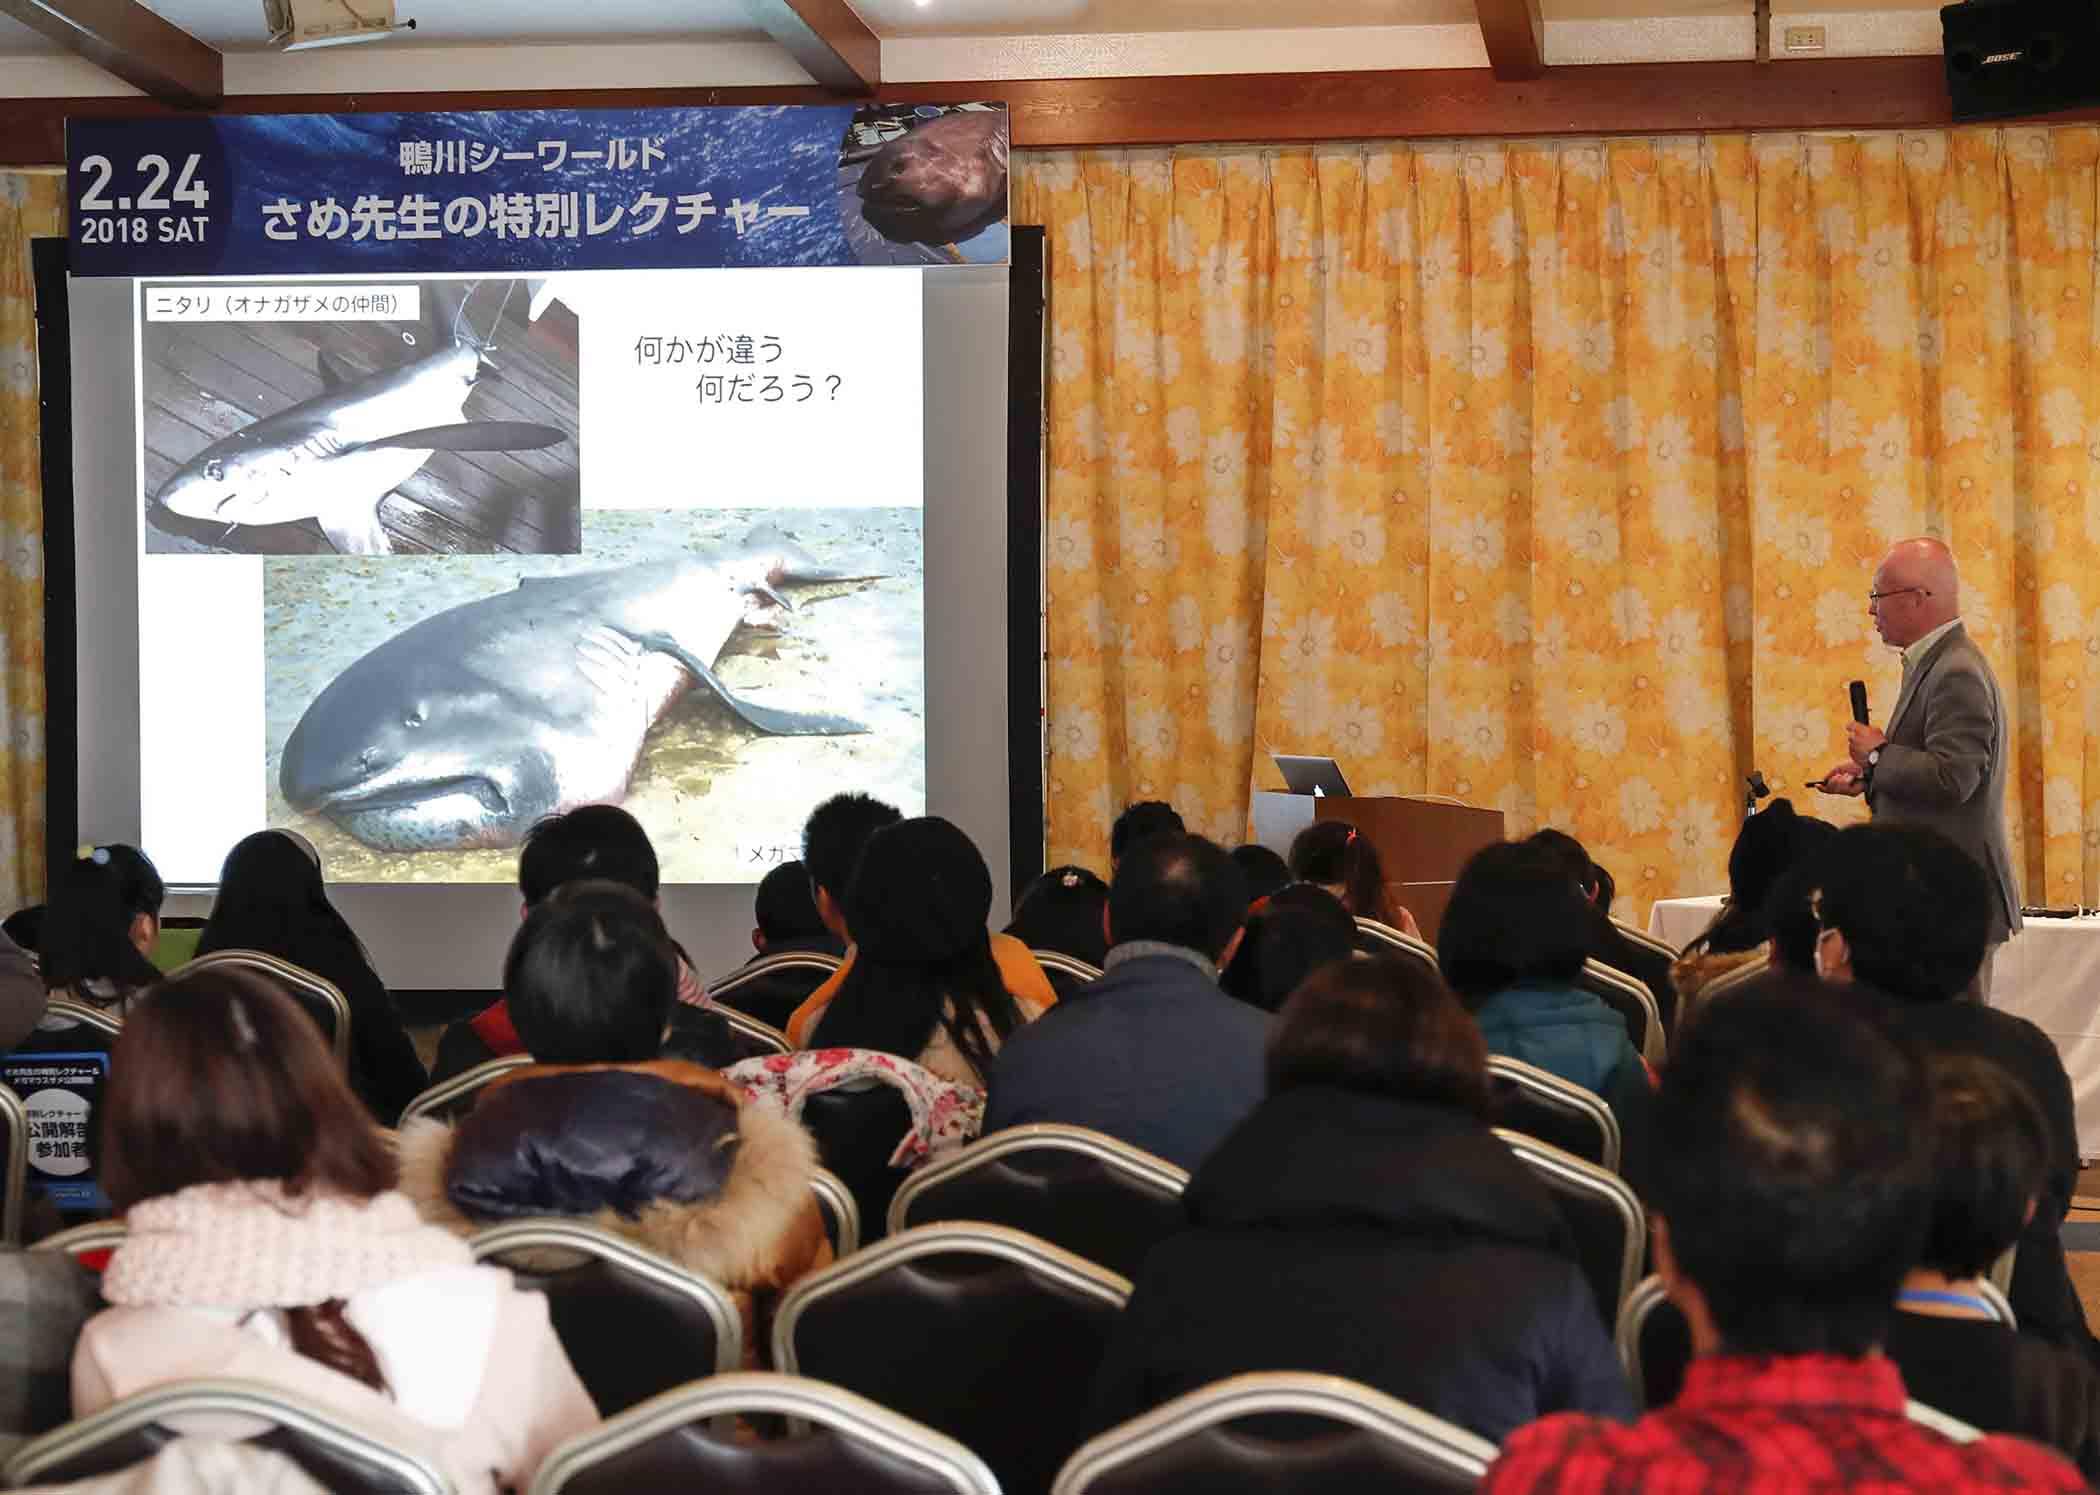 シャチやイルカ、アシカ、ベル―ガのショーや海の生物が展示された《鴨川シーワールド》は家族で楽しめる場所だ